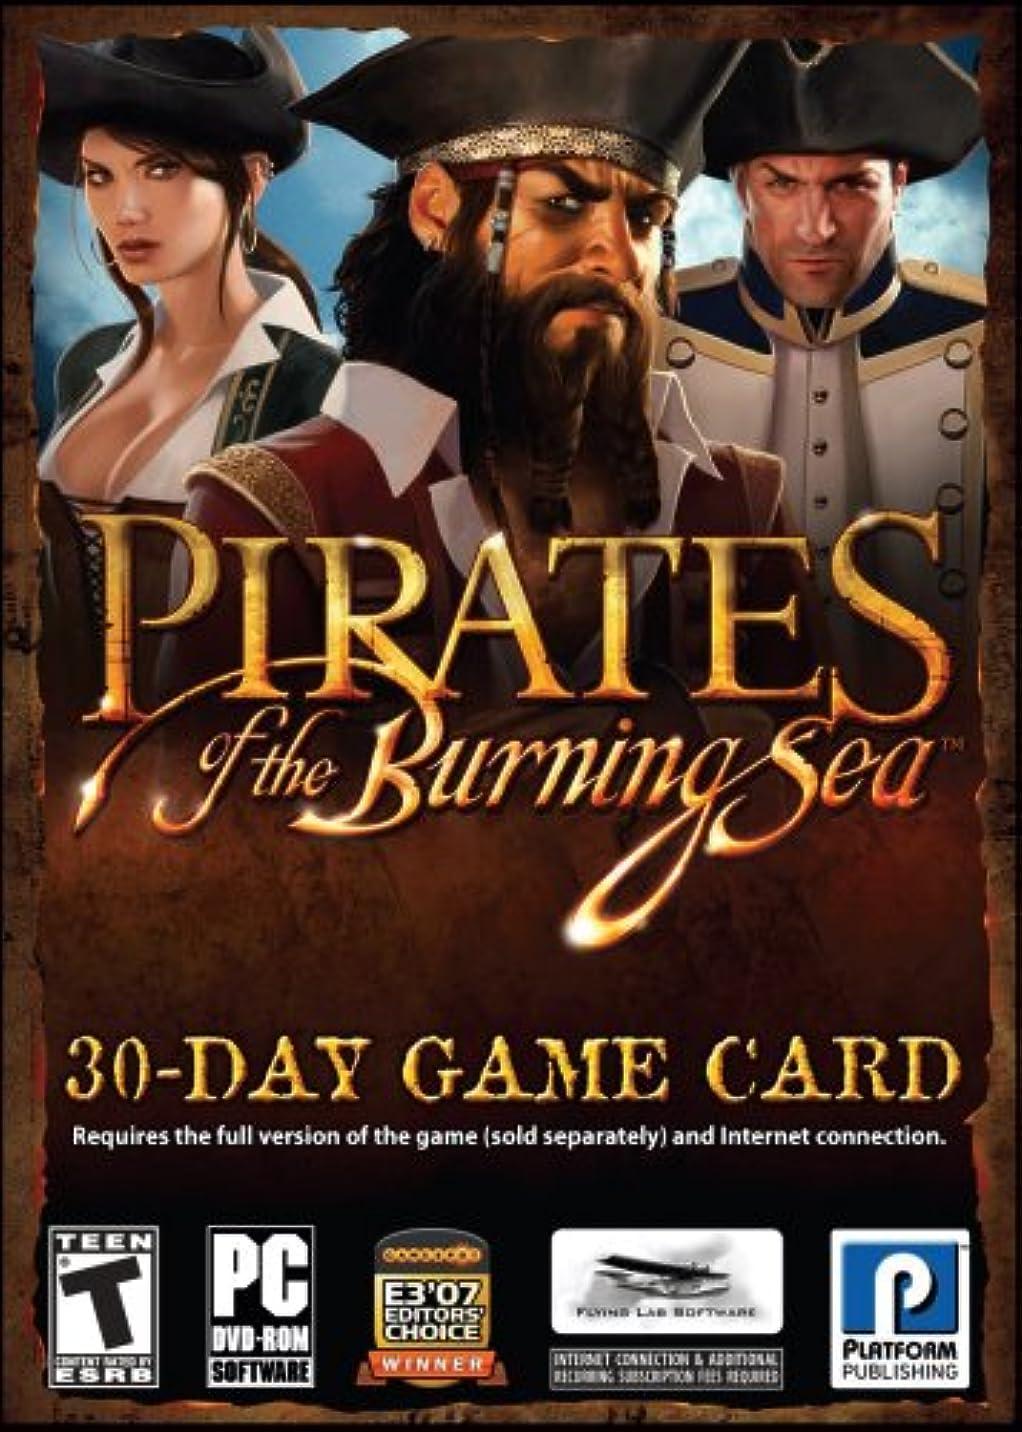 特権的許す邪悪なPirates of the Burning Sea 30 Day Game Card (輸入版)